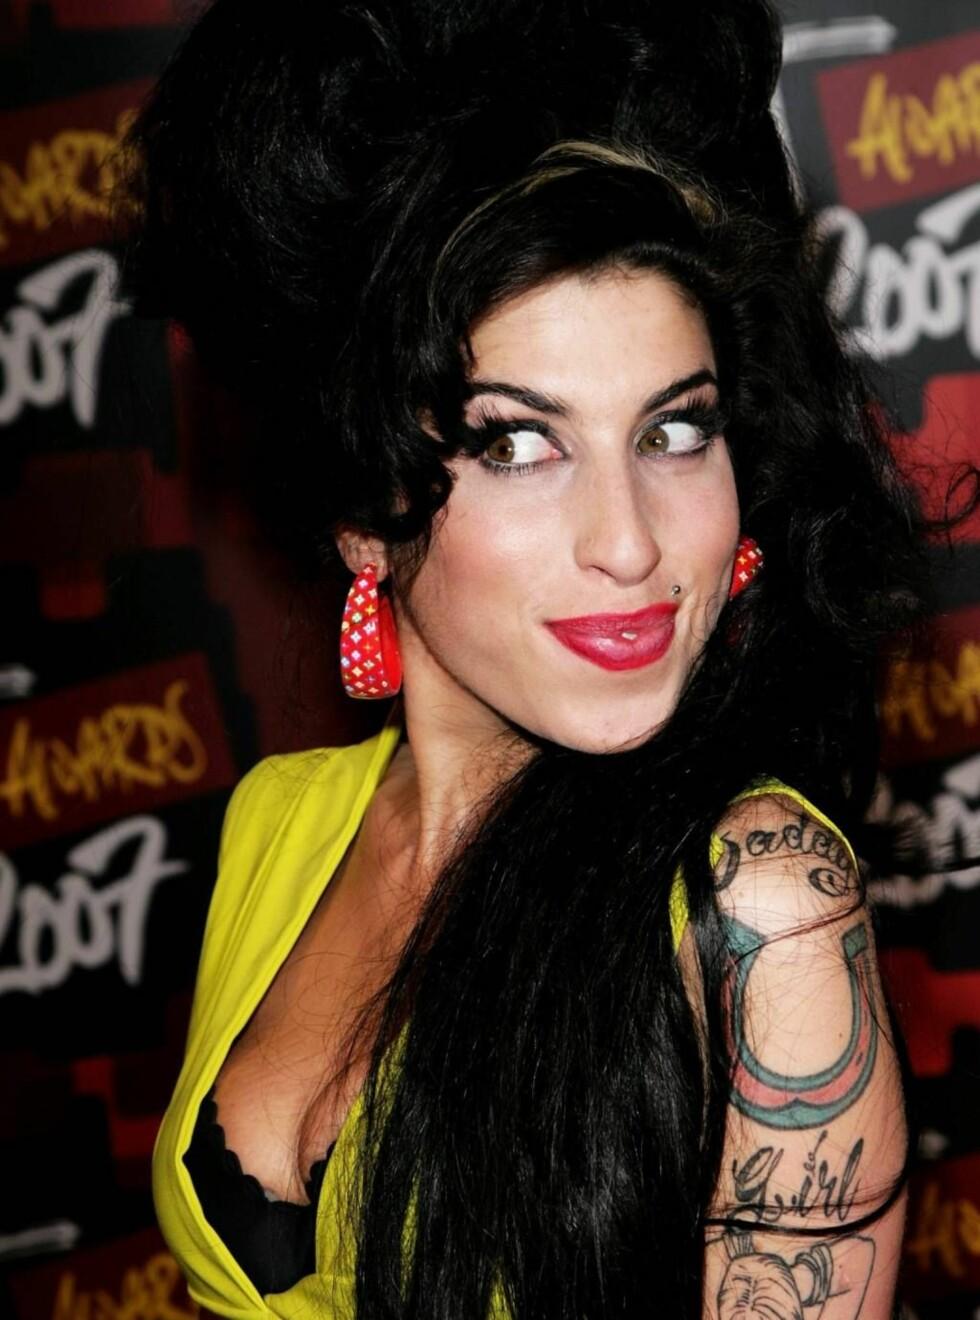 STOLT: Amy Winehouse visste ikke riktig hva hun skulle si da hun lettere sjokkert mottok prisen... Foto: All Over Press